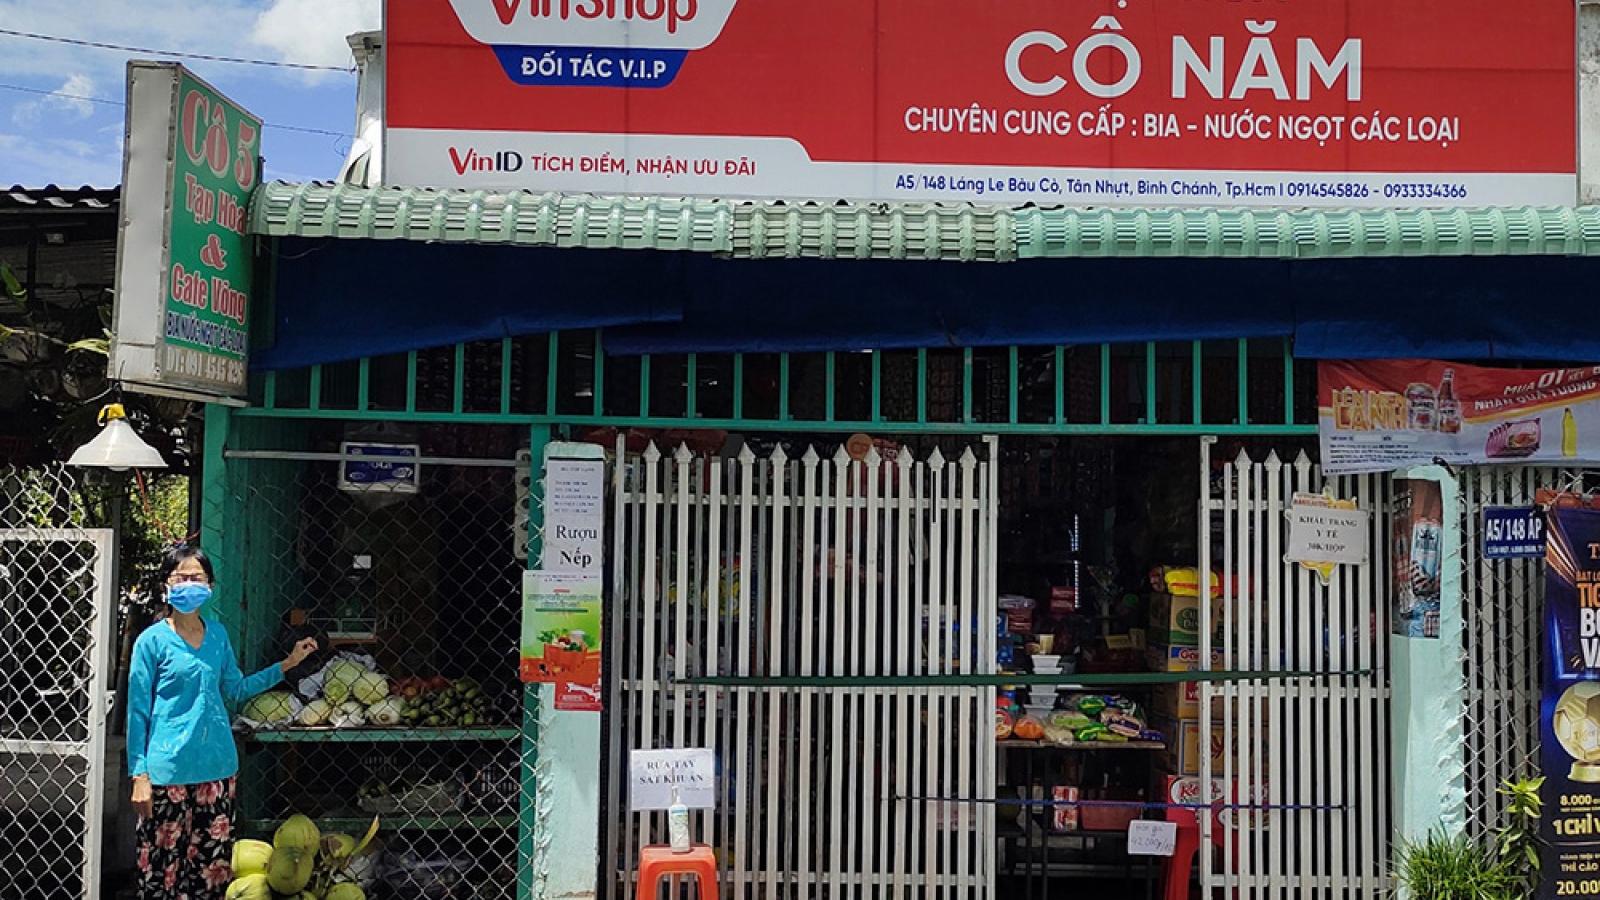 VinShop, VinID góp sức đưa nhu yếu phẩm đến tay người dân TP.HCM giữa tâm dịch